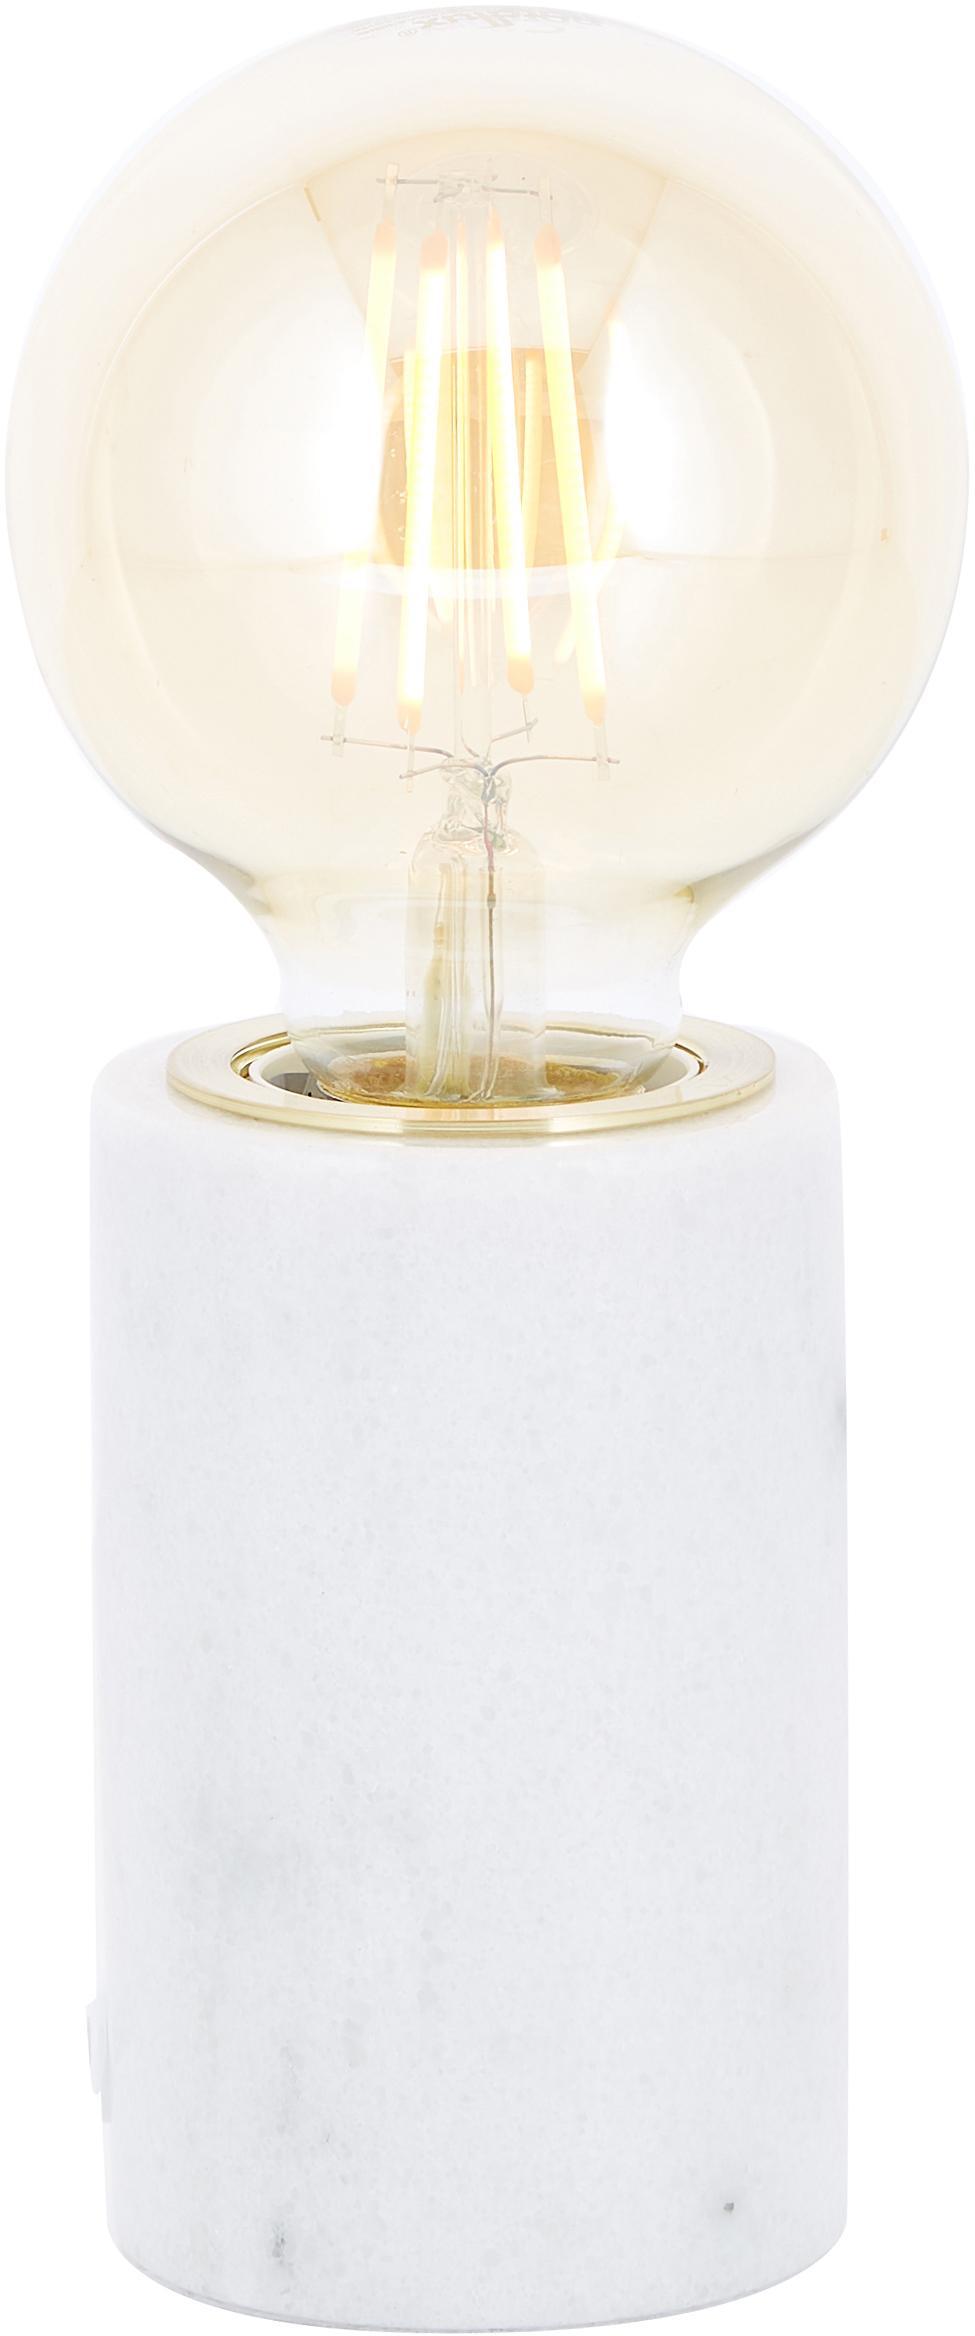 Kleine Marmor-Tischlampe Siv, Weiss, Ø 6 x H 10 cm